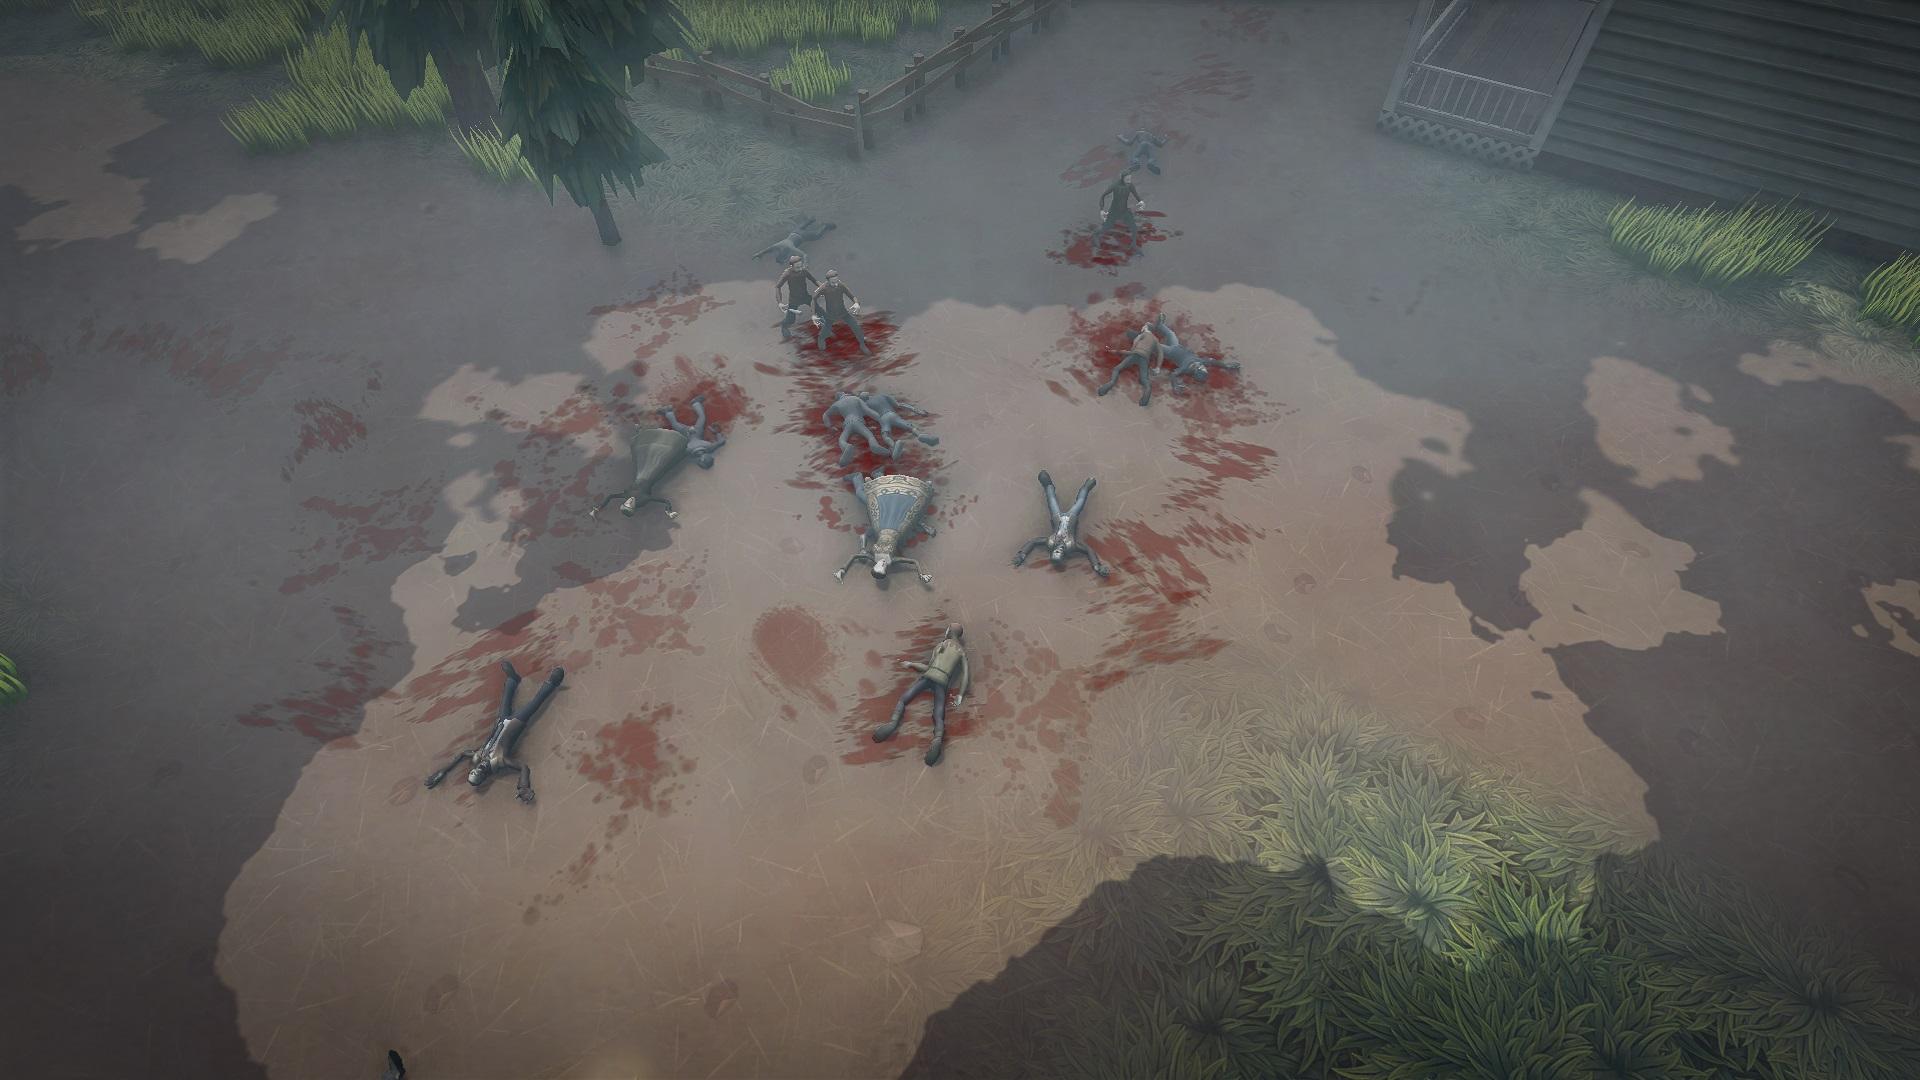 Old Battle scene